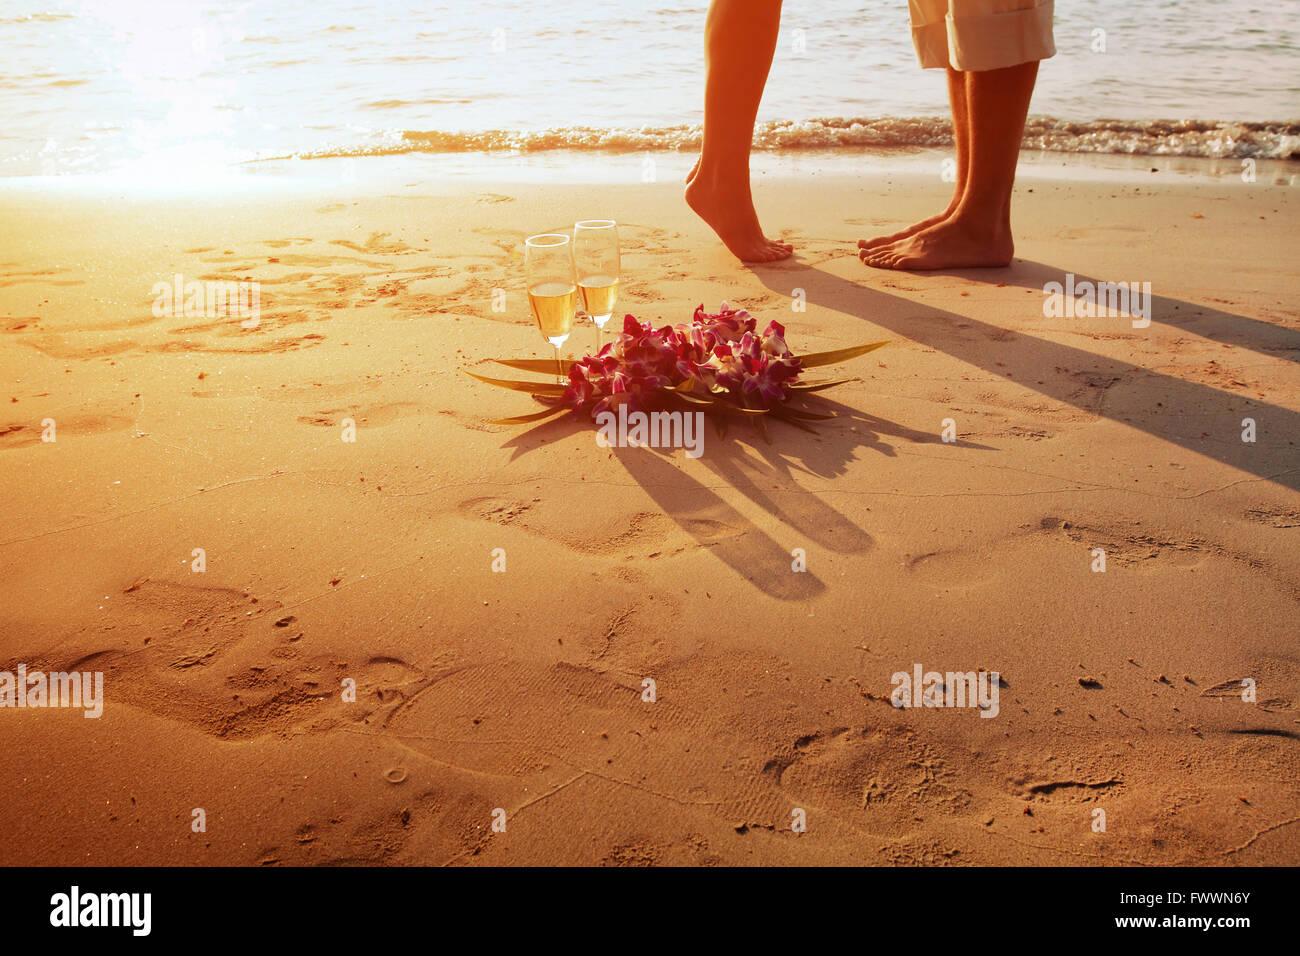 Boda en la playa, los pies de la pareja romántica y dos copas de champán al atardecer Foto de stock